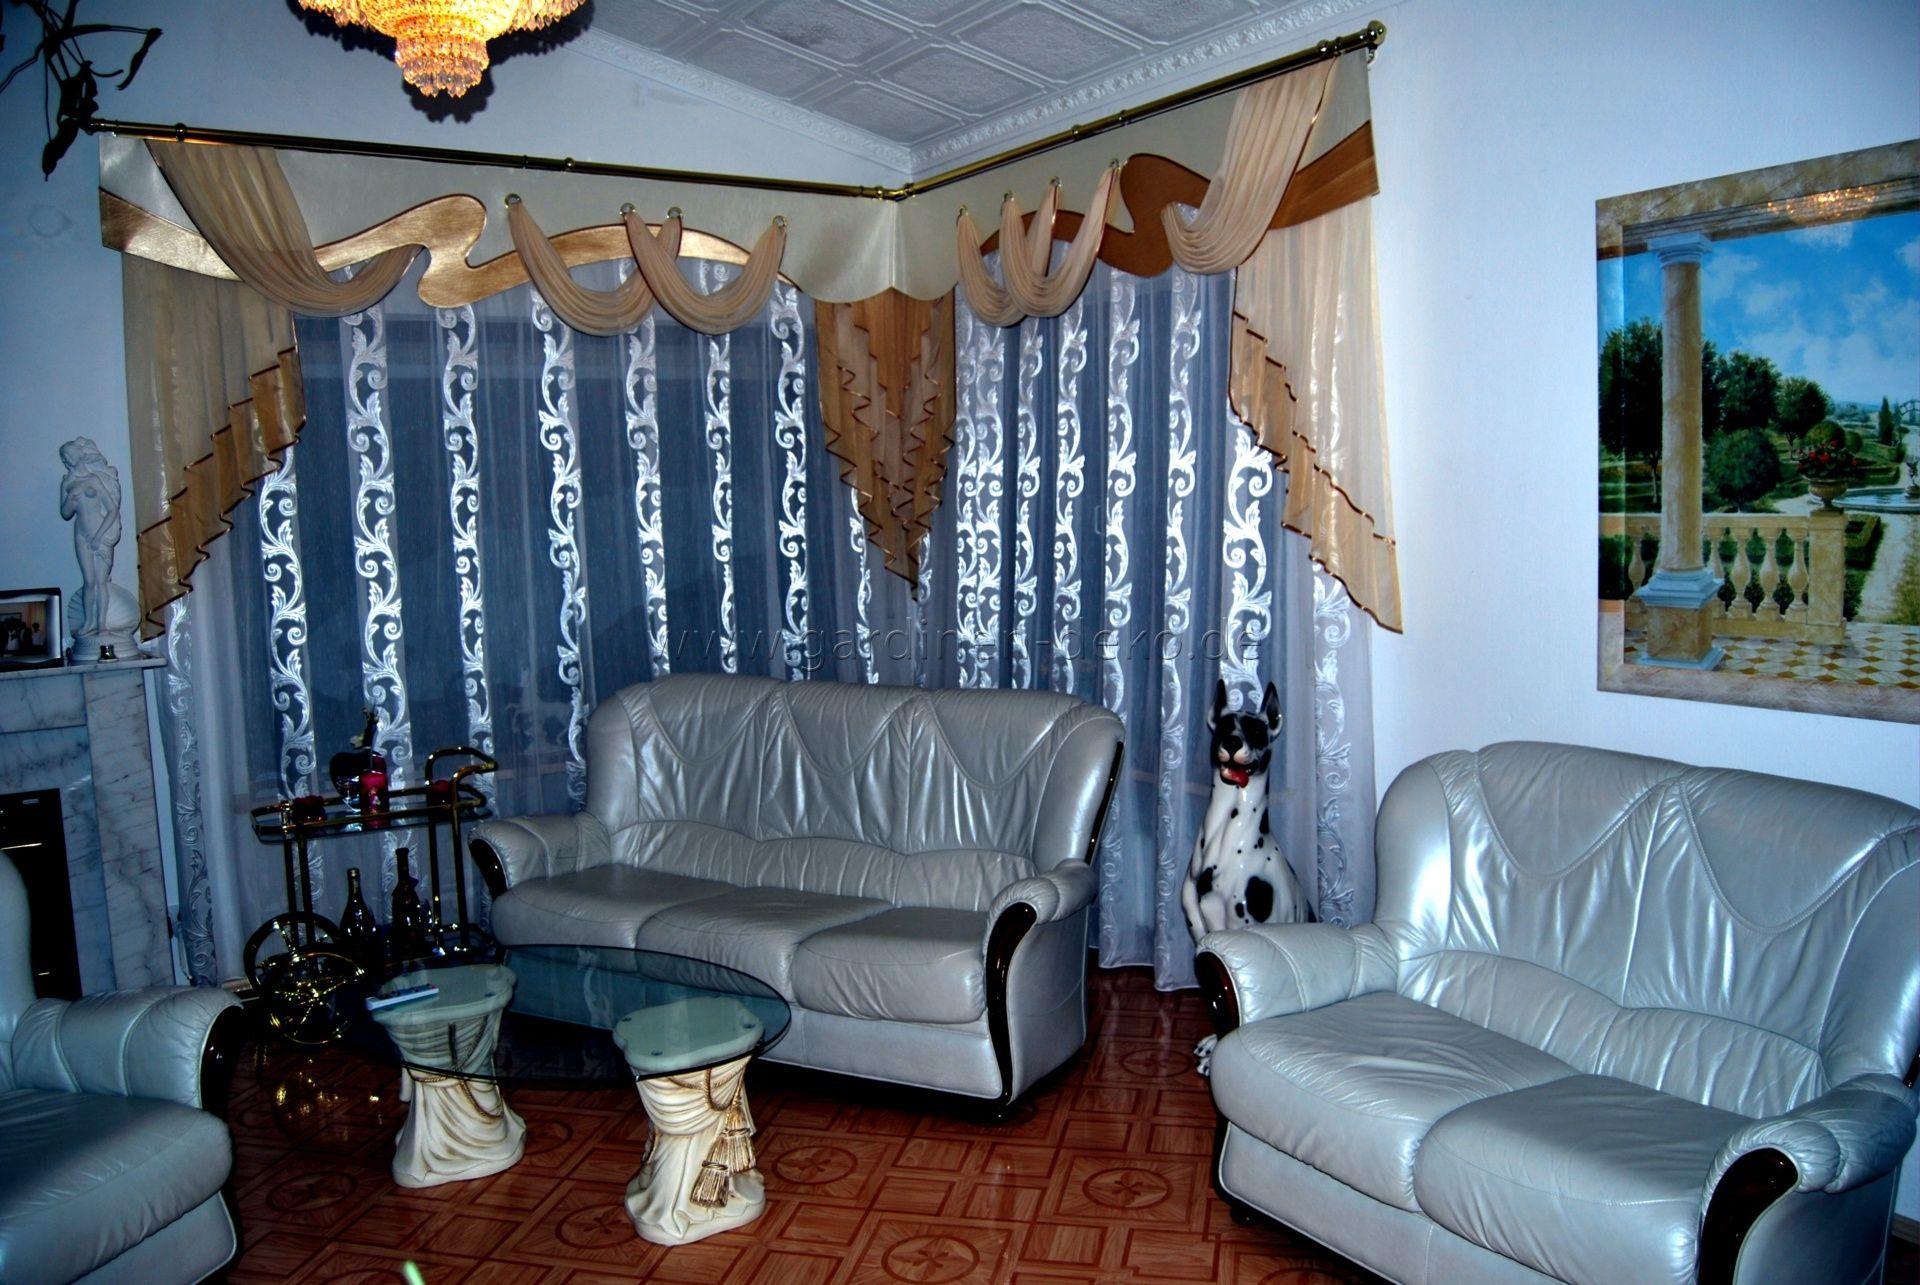 Uberlegen Extravaganter Wohnzimmer Vorhang Im Klassischen Stil In Blau Und Braun    Http://www